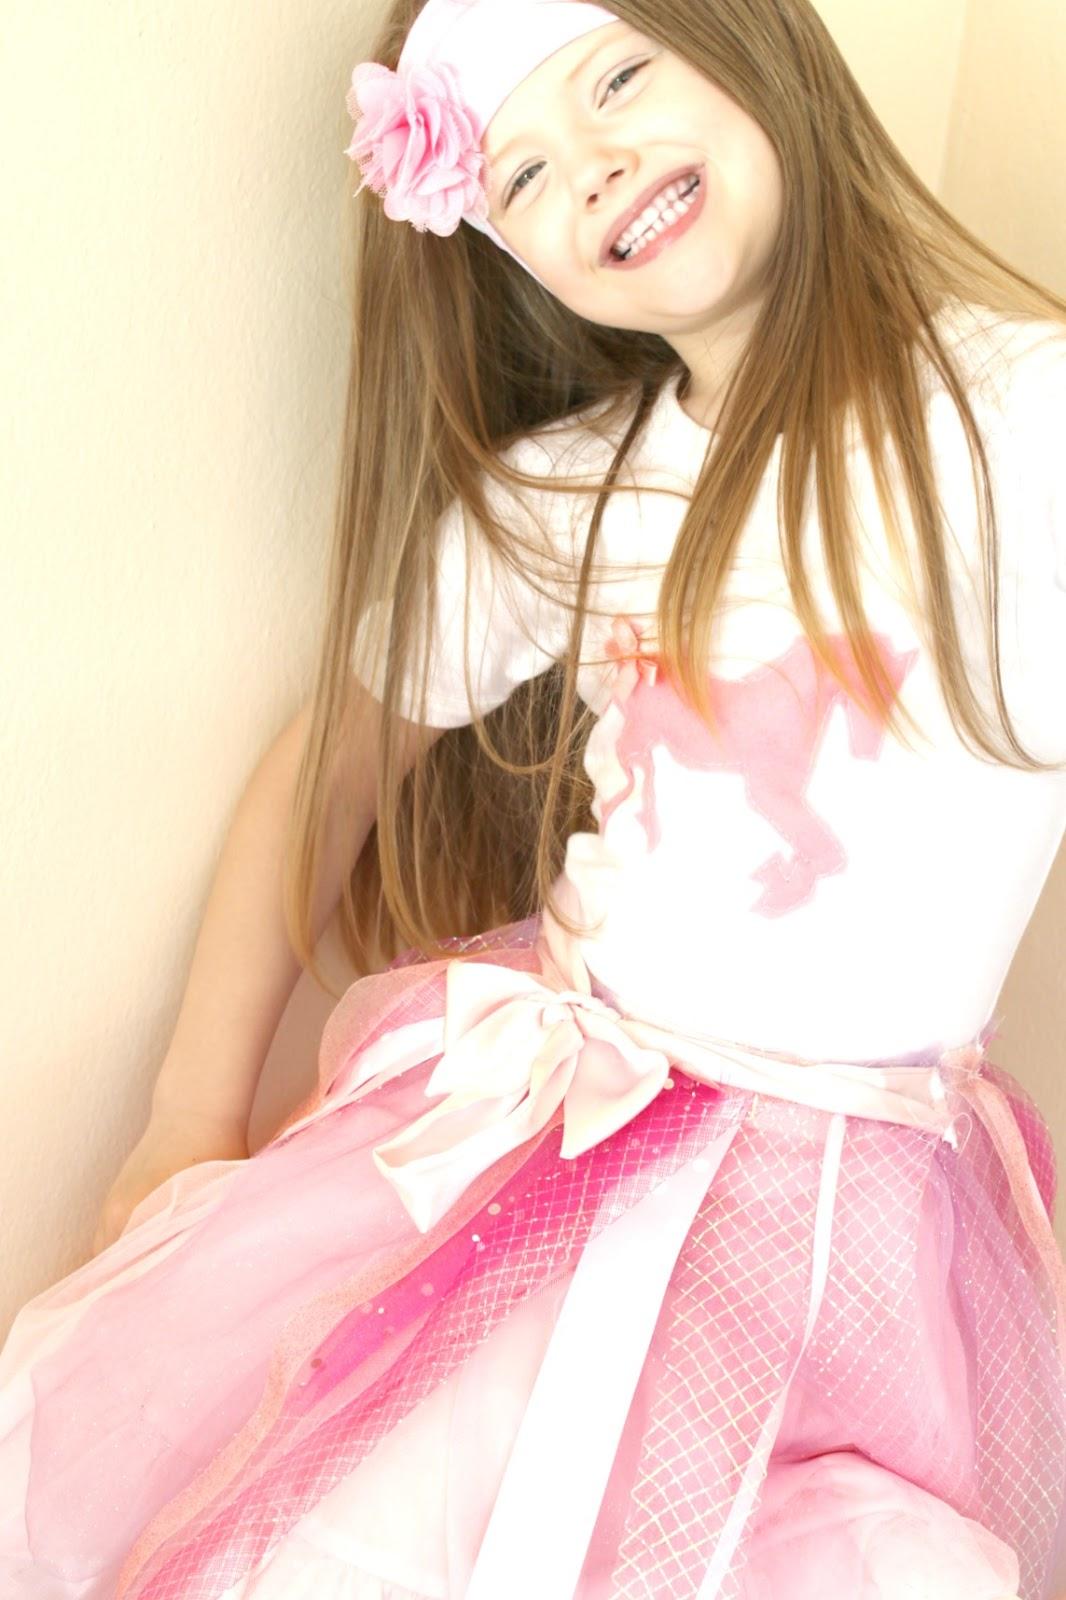 http://1.bp.blogspot.com/-HuXiIZ_p6Qo/UKjUkZlyRRI/AAAAAAAAD58/lBTb3lid9J0/s1600/pony_tshirt.jpg